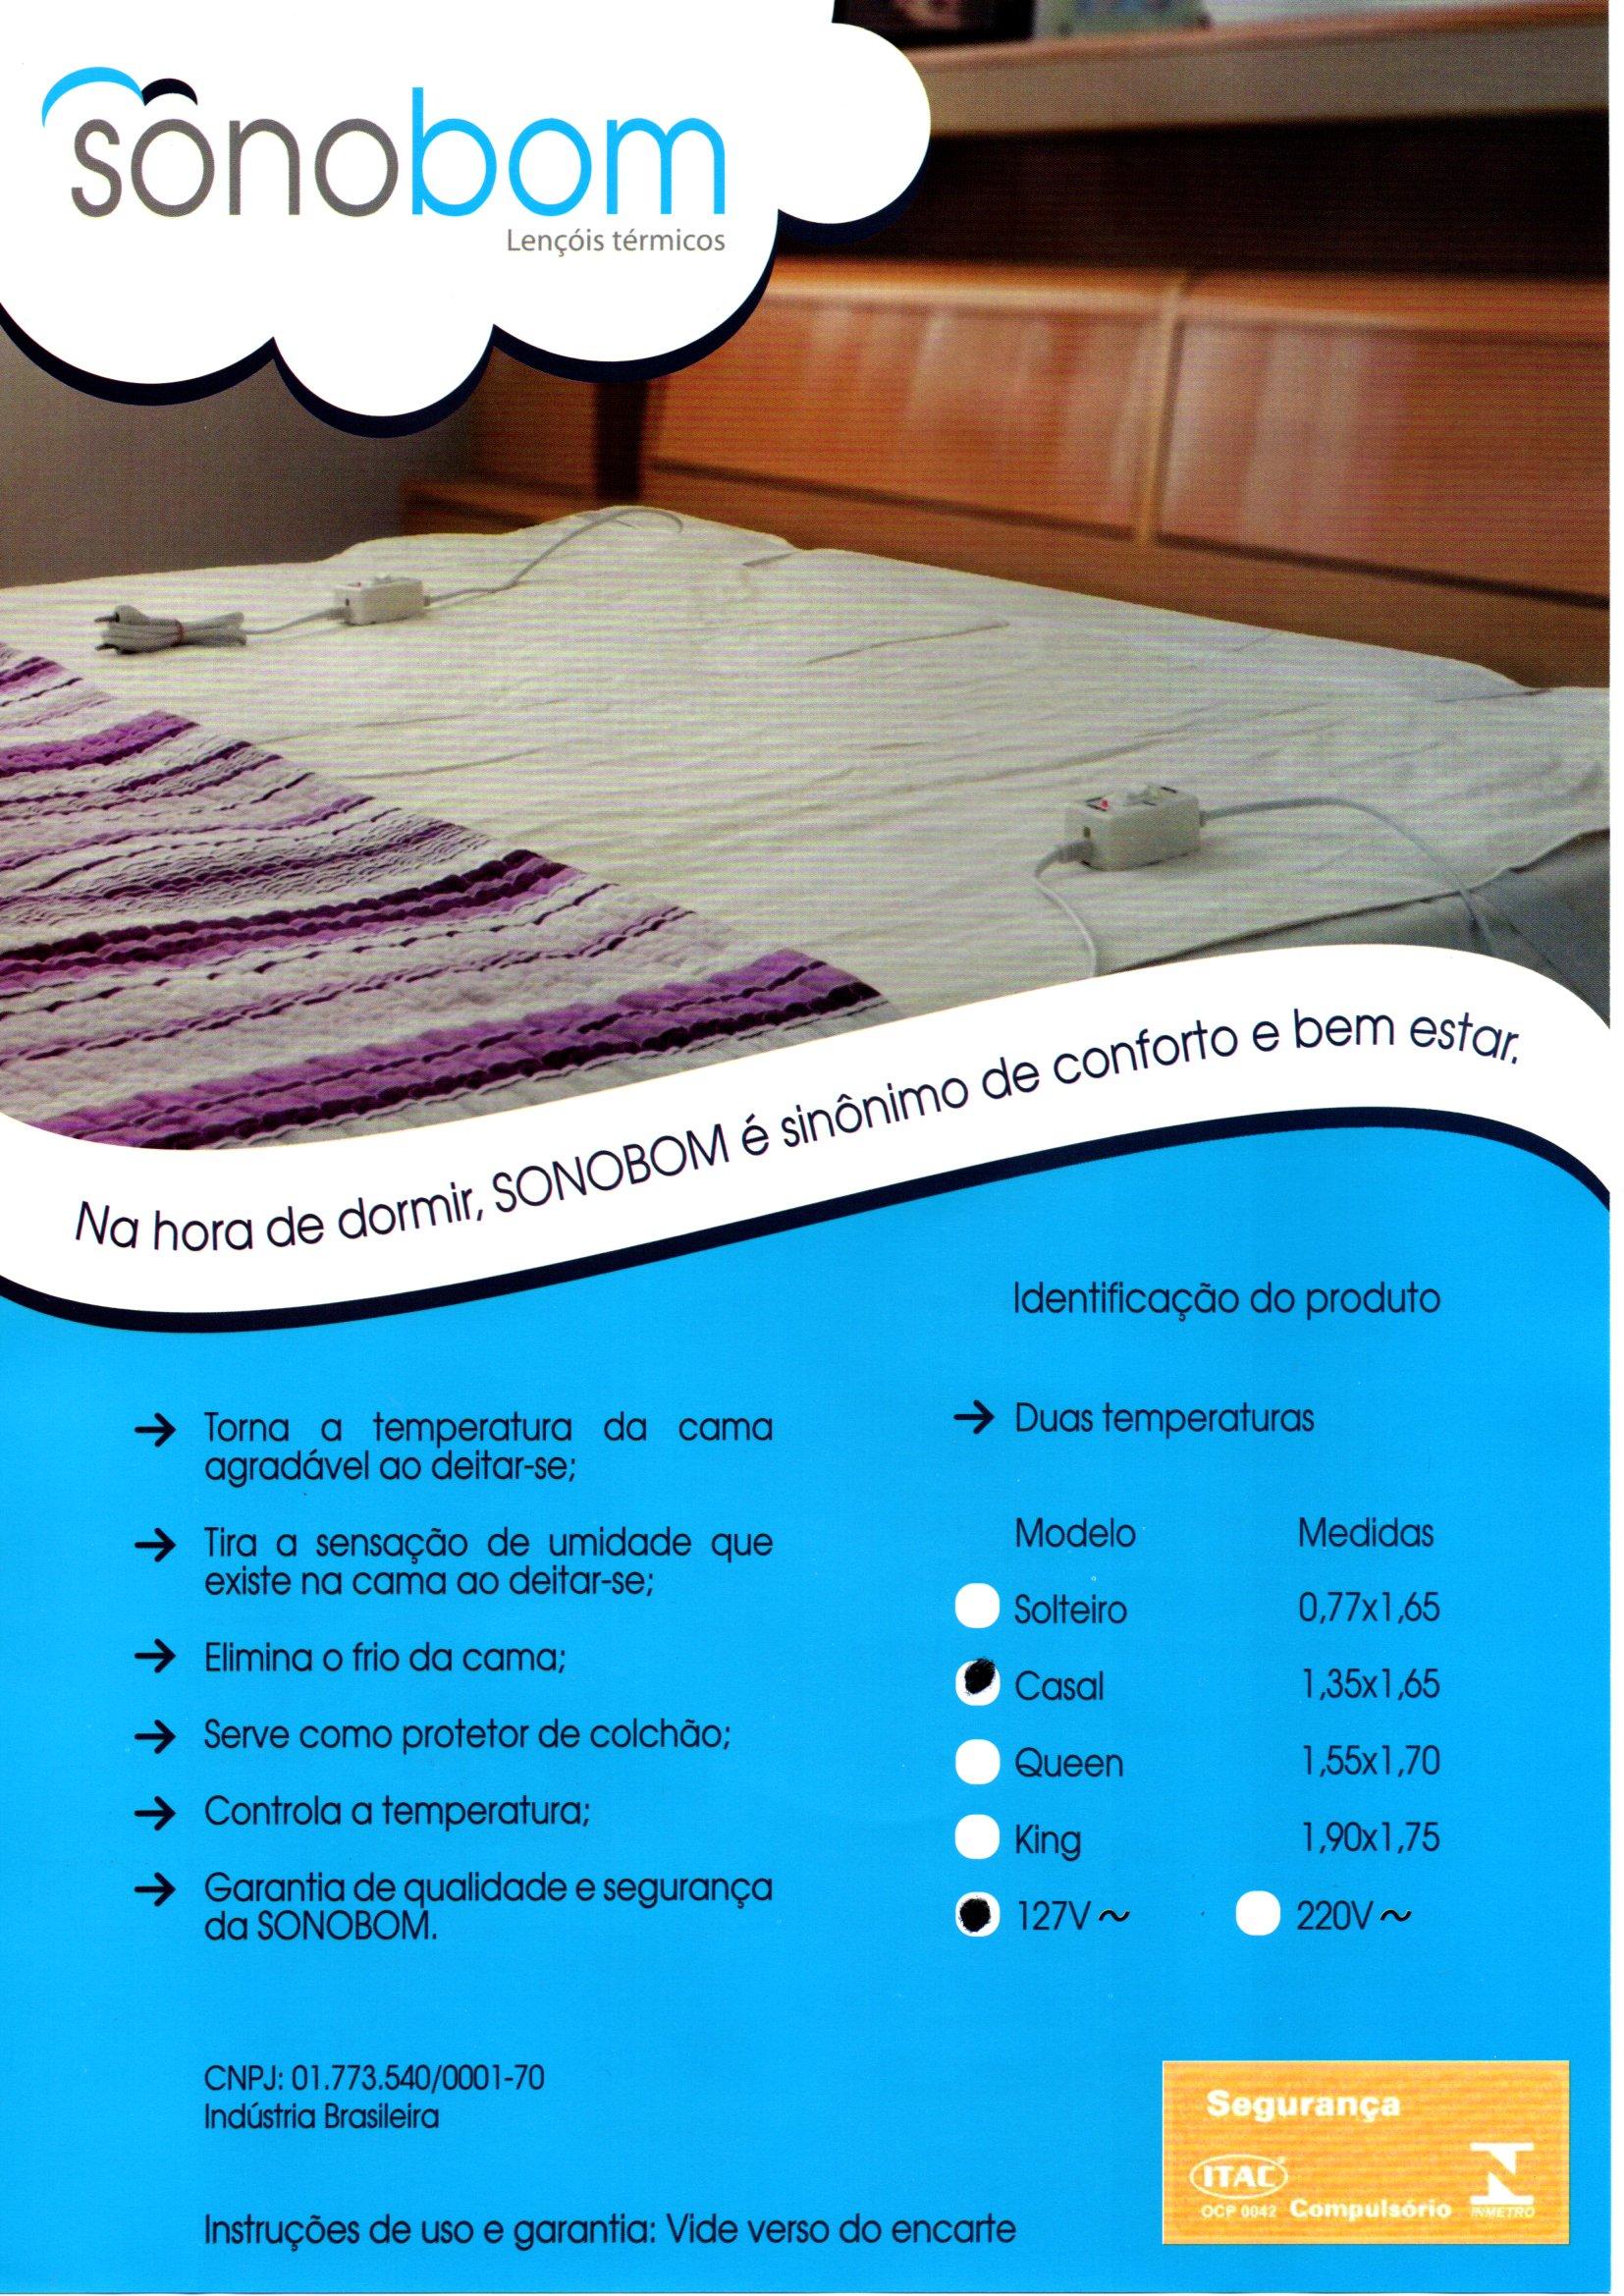 Polisani Materiais Médicos - LENCOL TERMICO QUEEN 1,55X1,75 220V SONOBOM